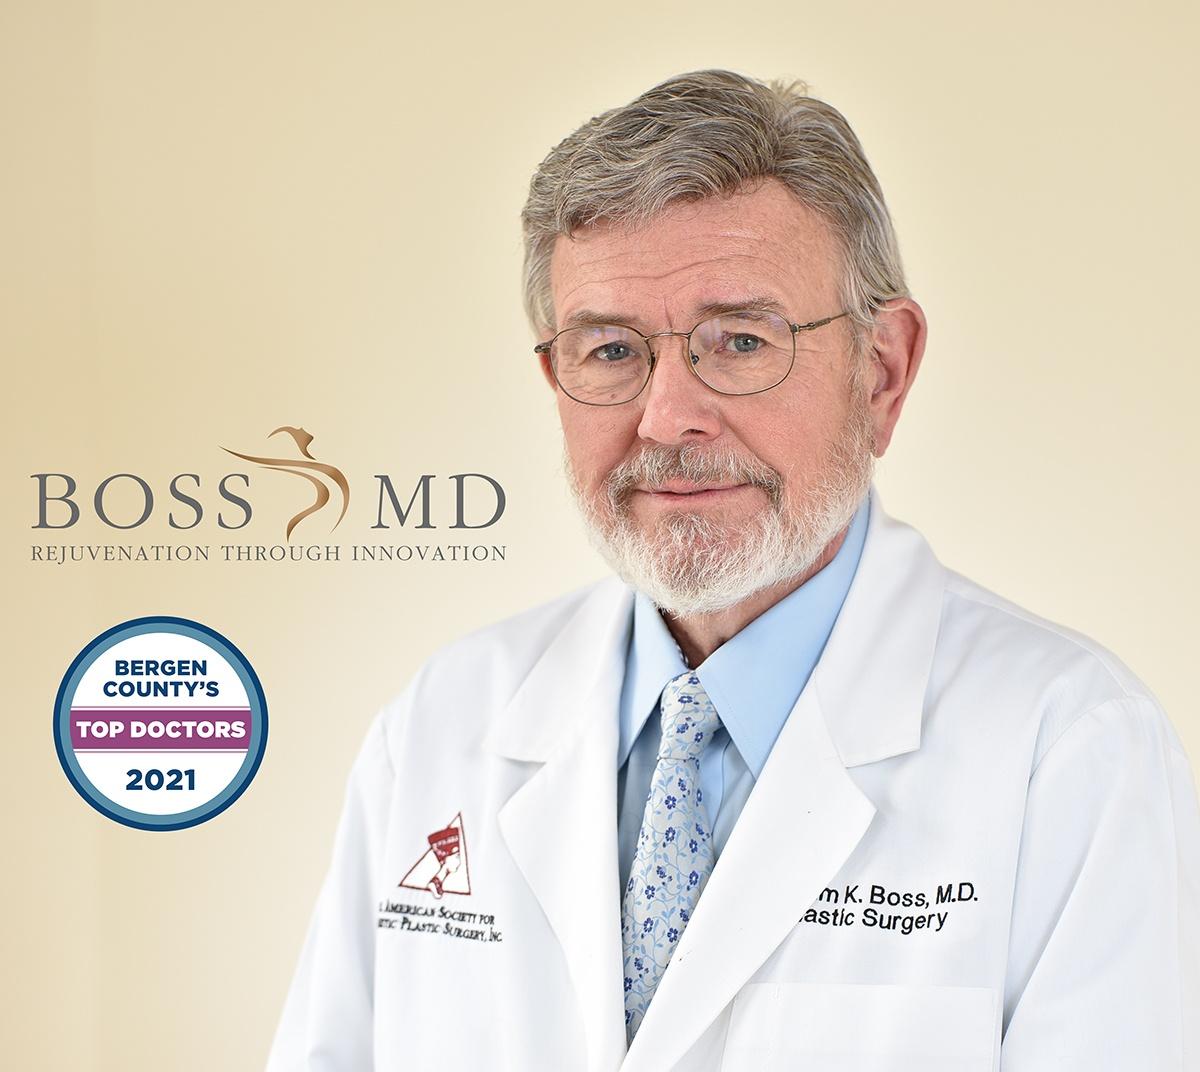 Dr. William K. Boss, MD, FACS